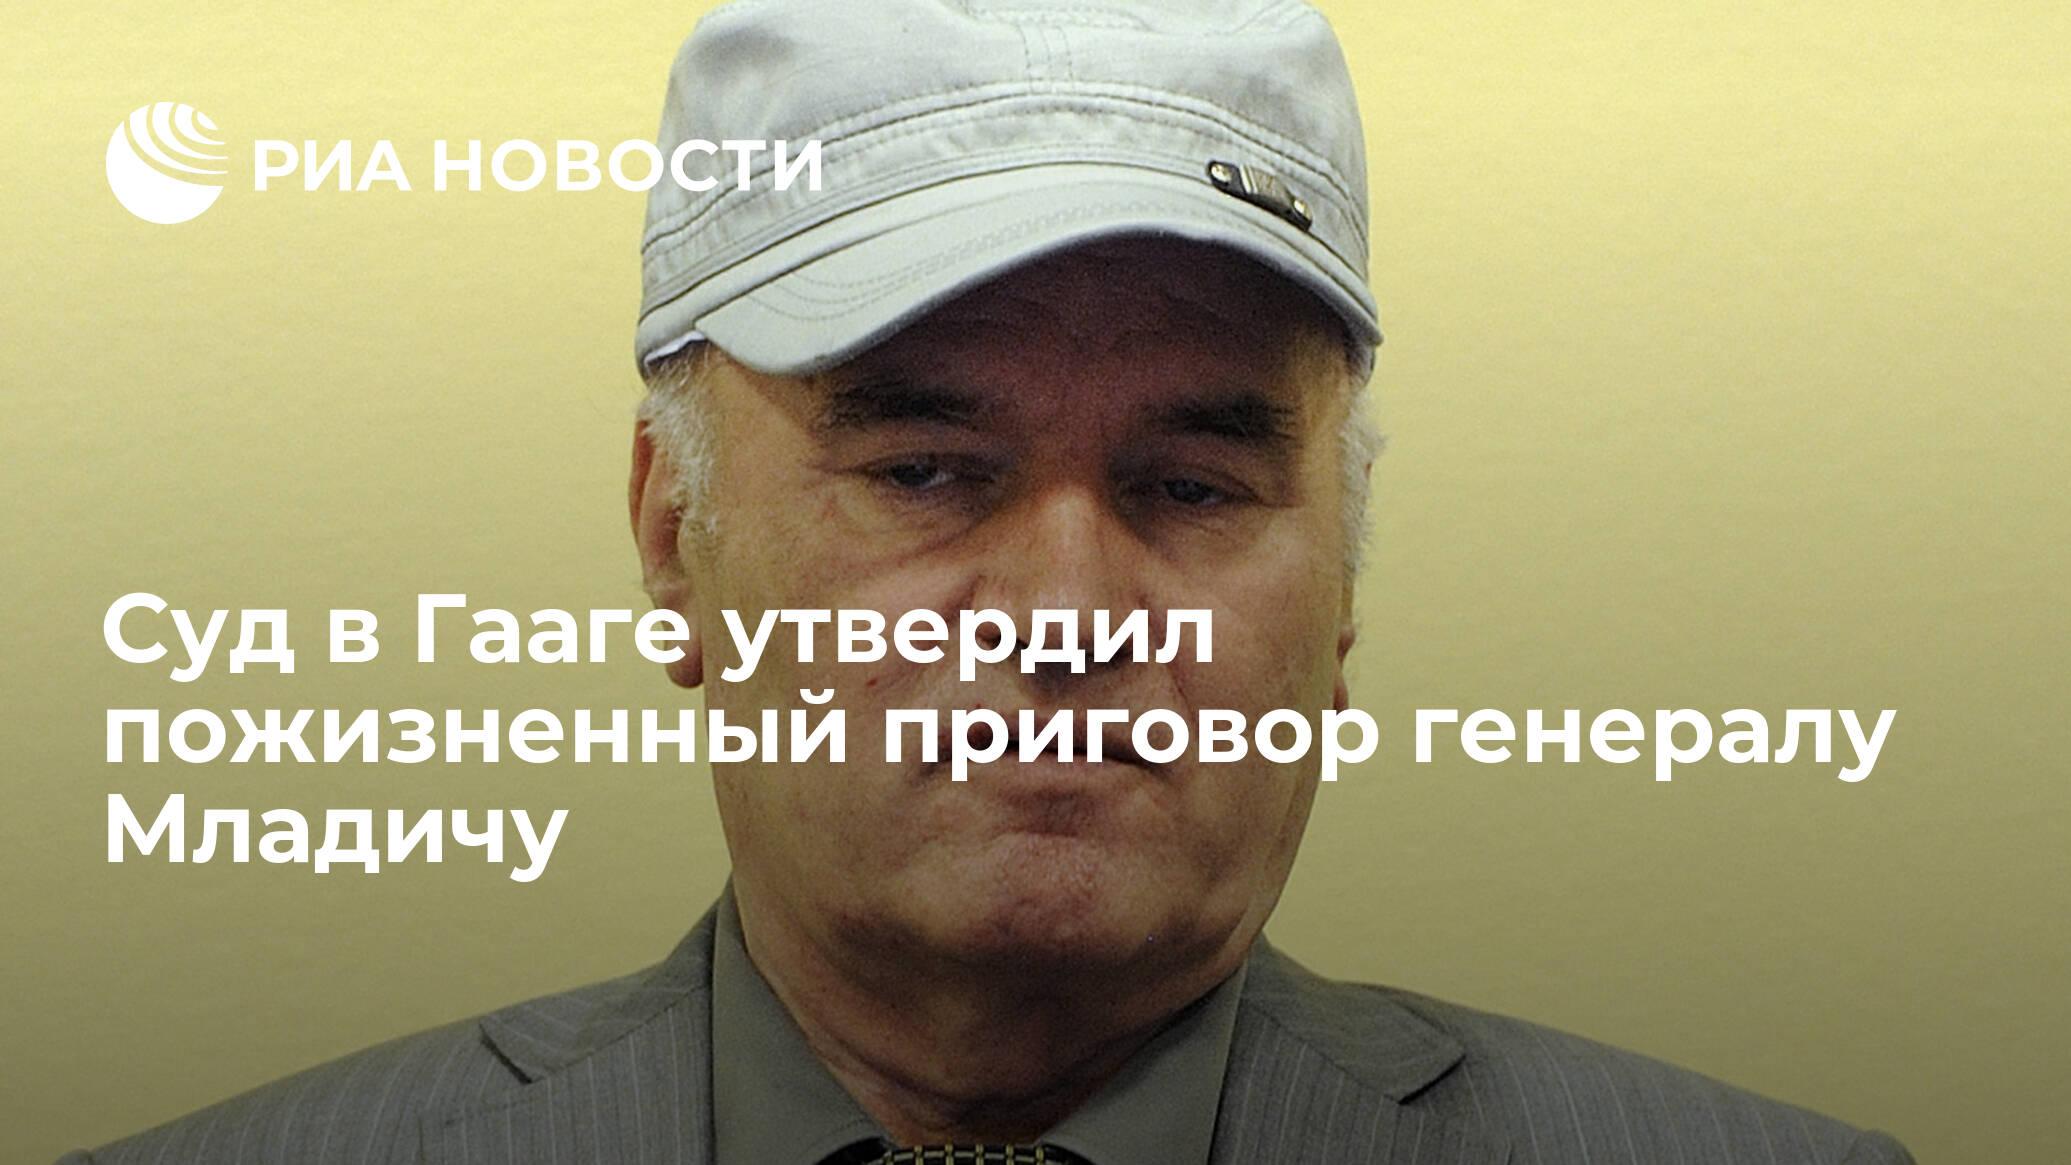 Суд в Гааге утвердил пожизненный приговор генералу Младичу